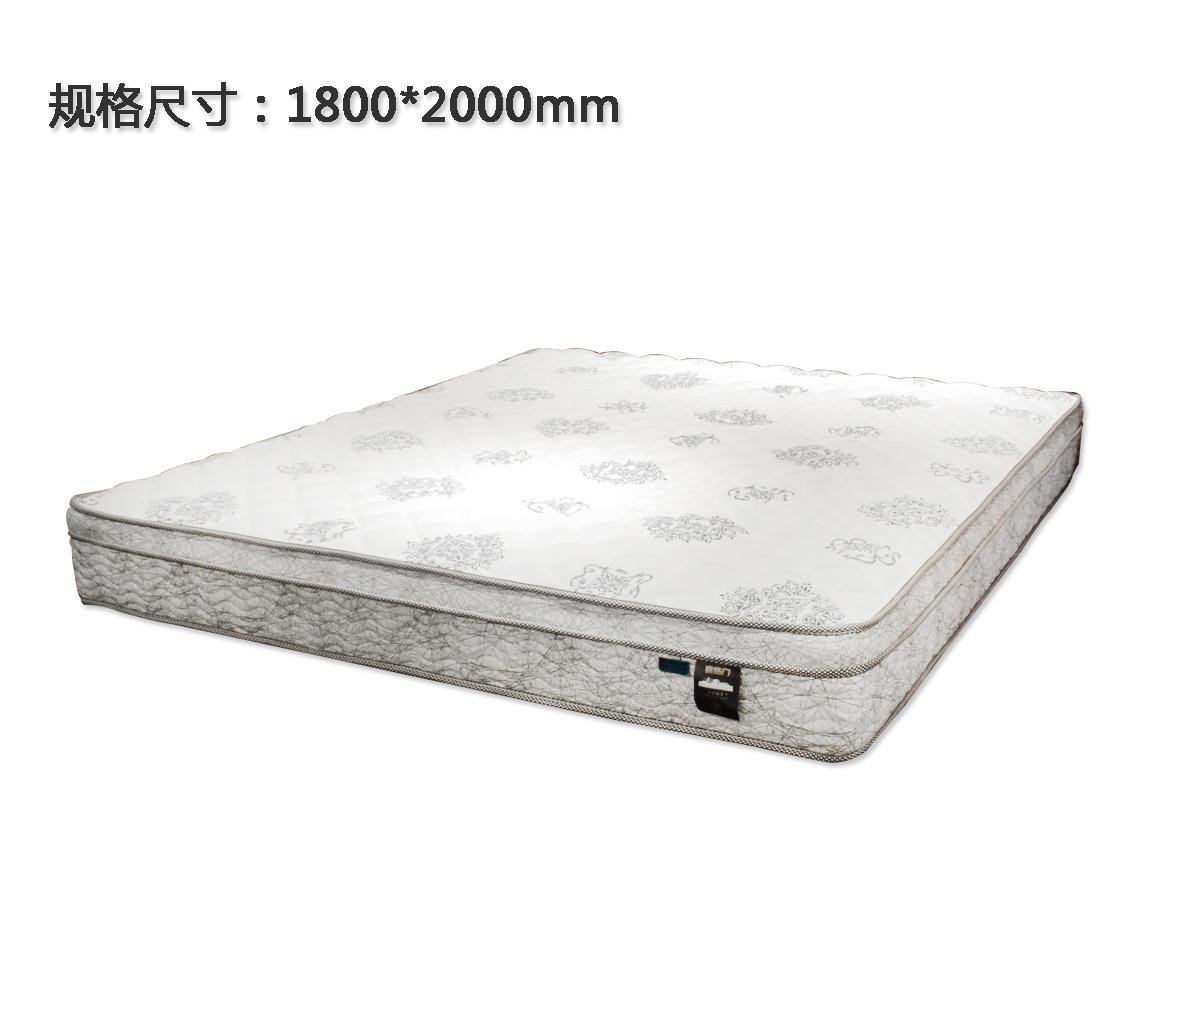 喜临门 乐眠8124型号 1800*2000mm 弹簧床垫 乳胶舒适层